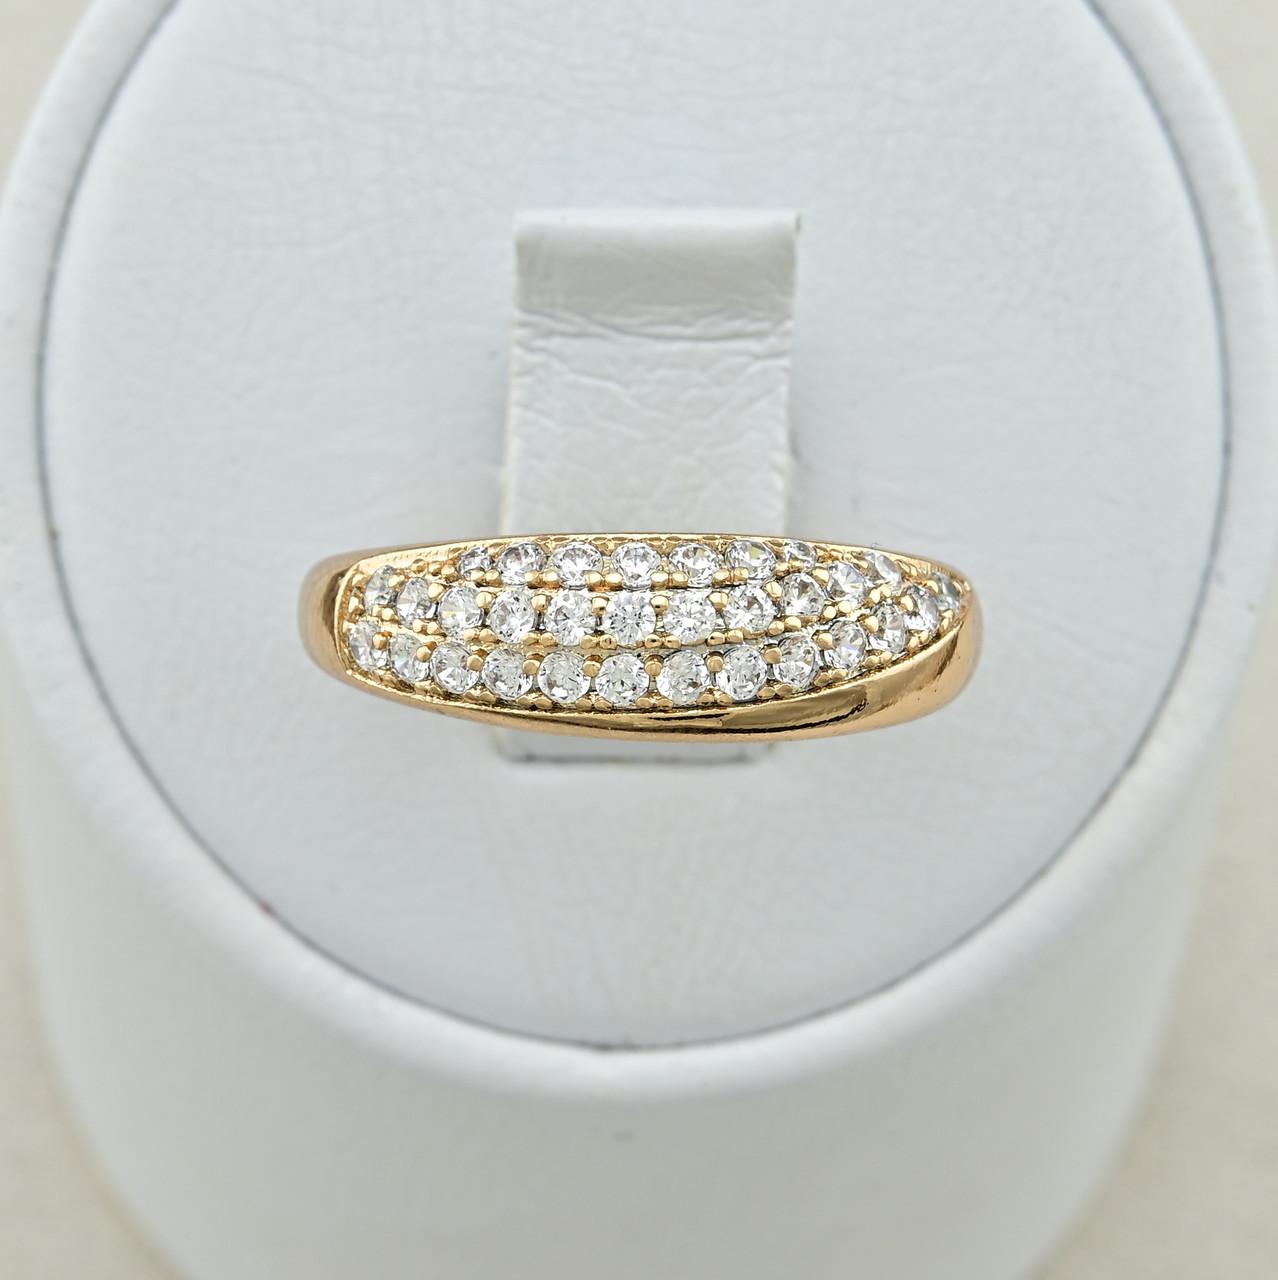 Кольцо Xuping Нью Йорк 14805 размер 17 ширина 6 мм вес 2.2 г белые фианиты позолота 18К